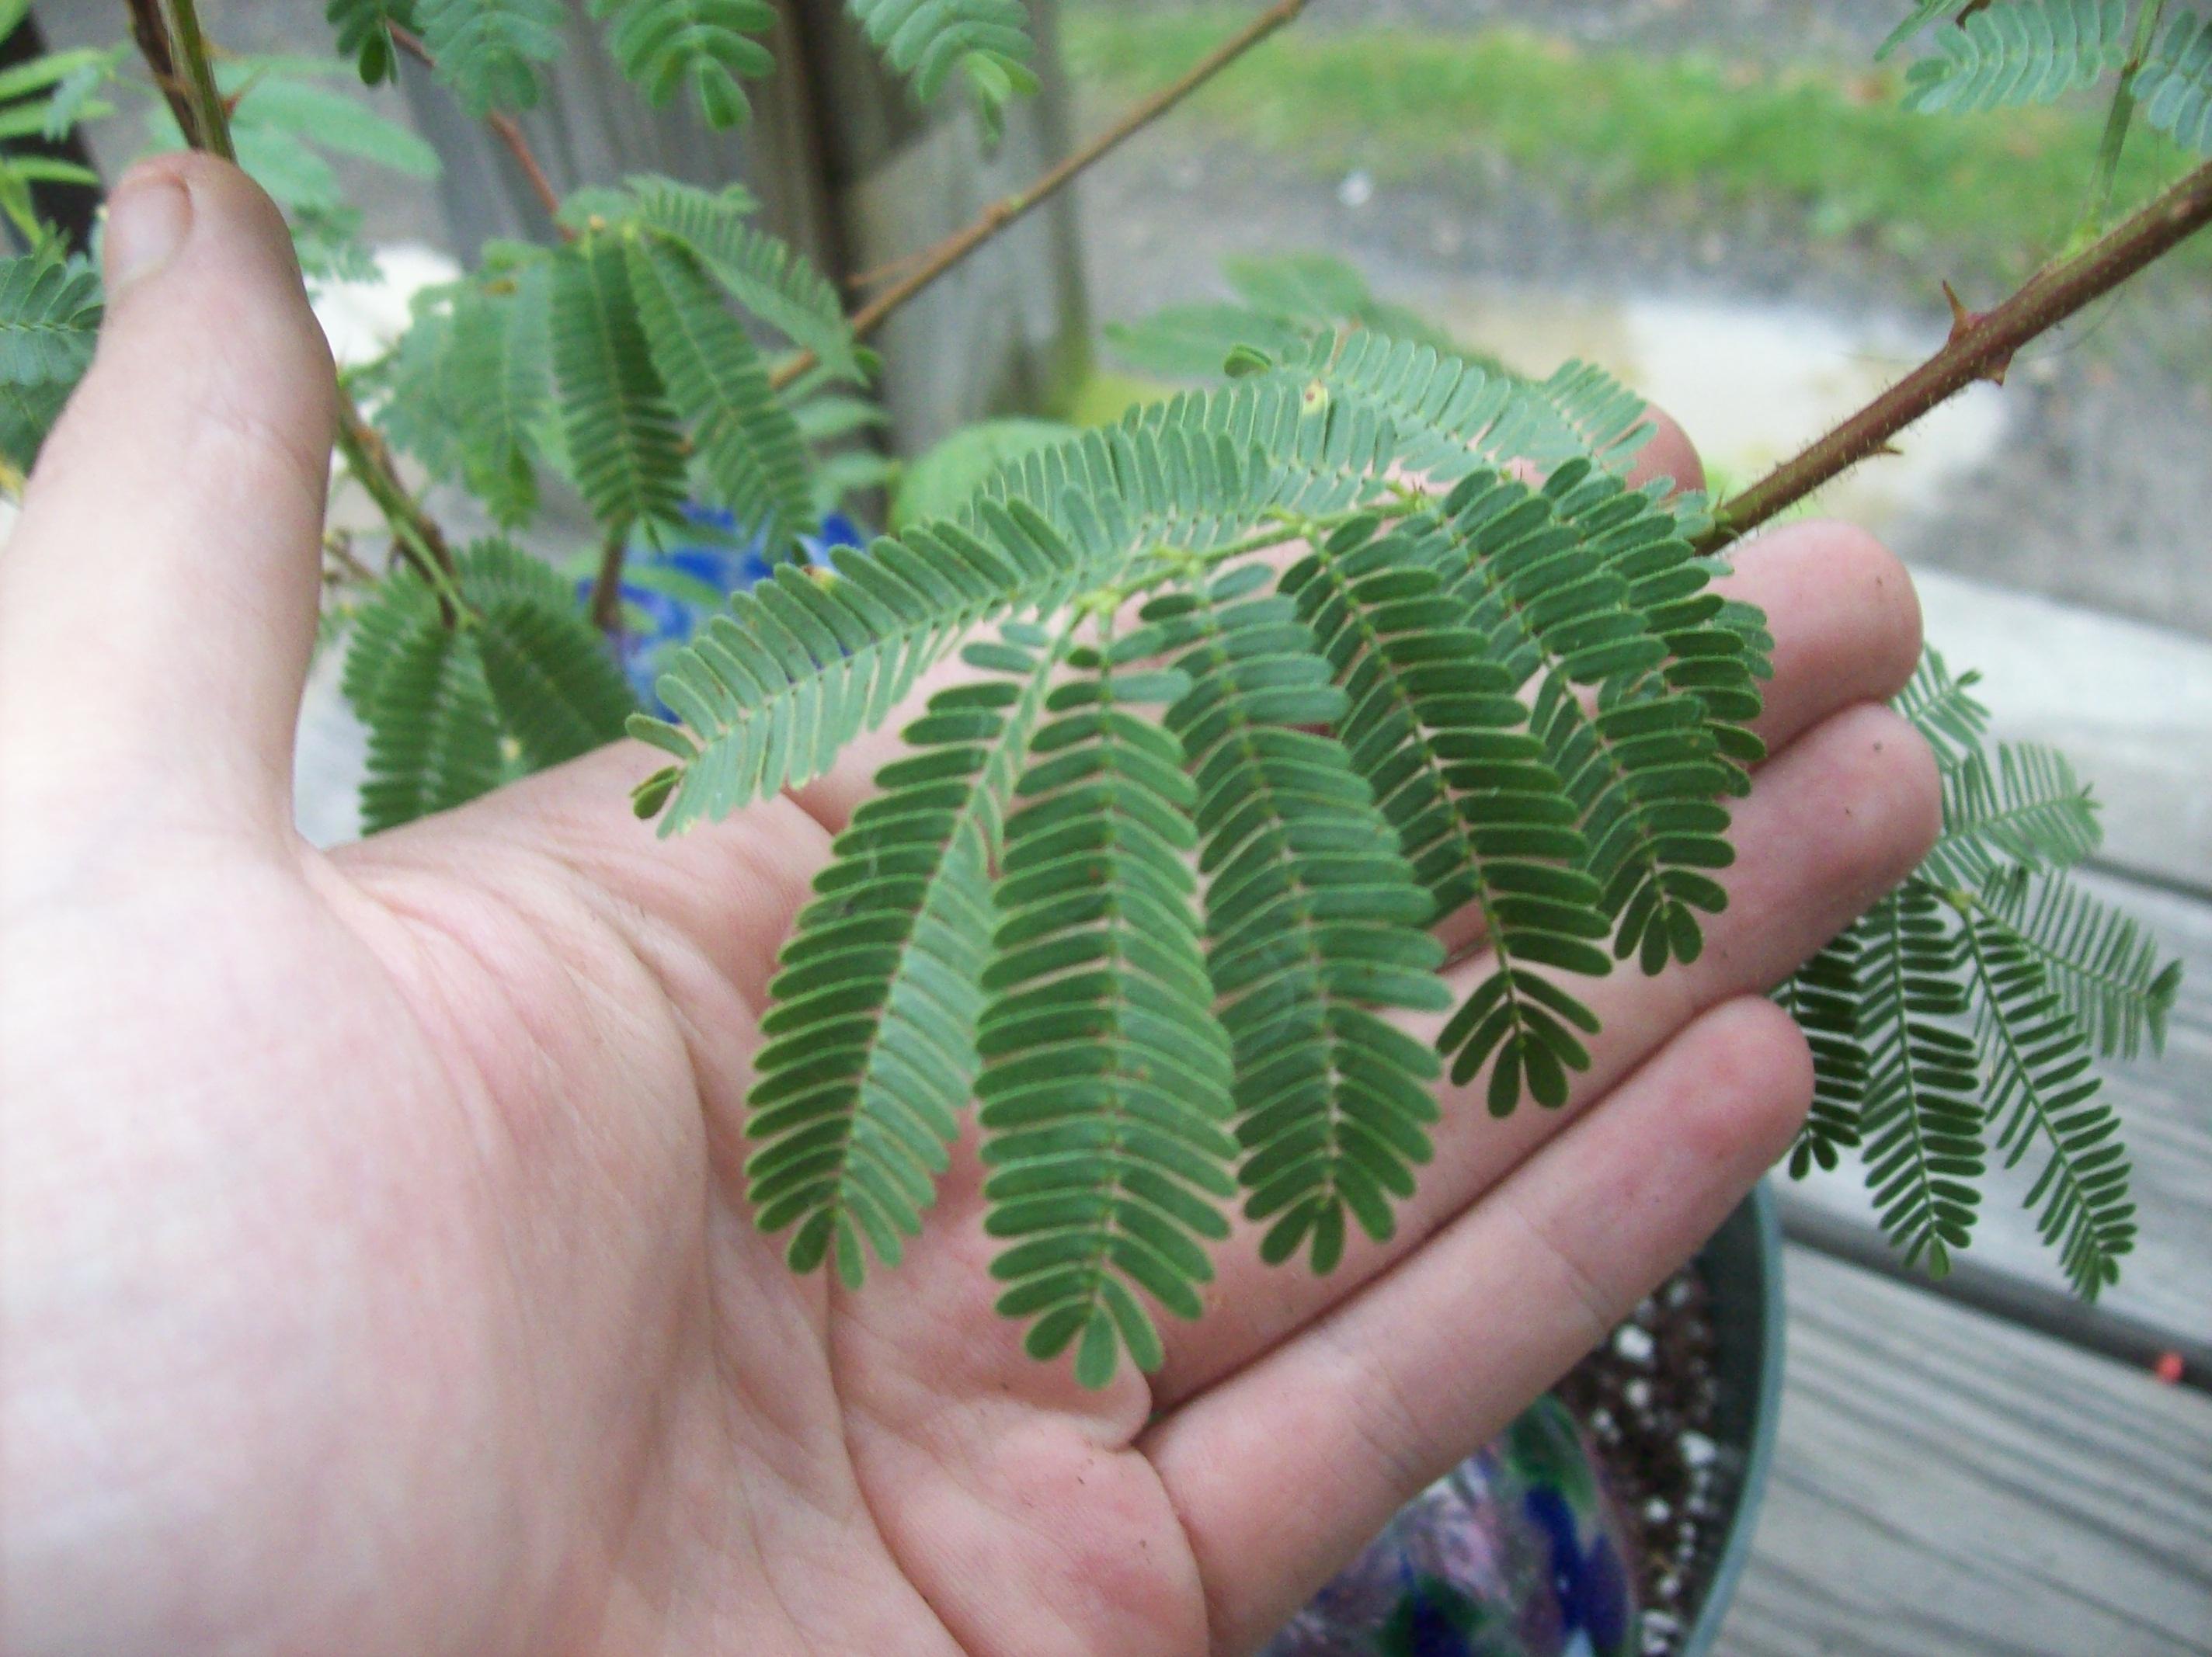 Tepezcohuite plant